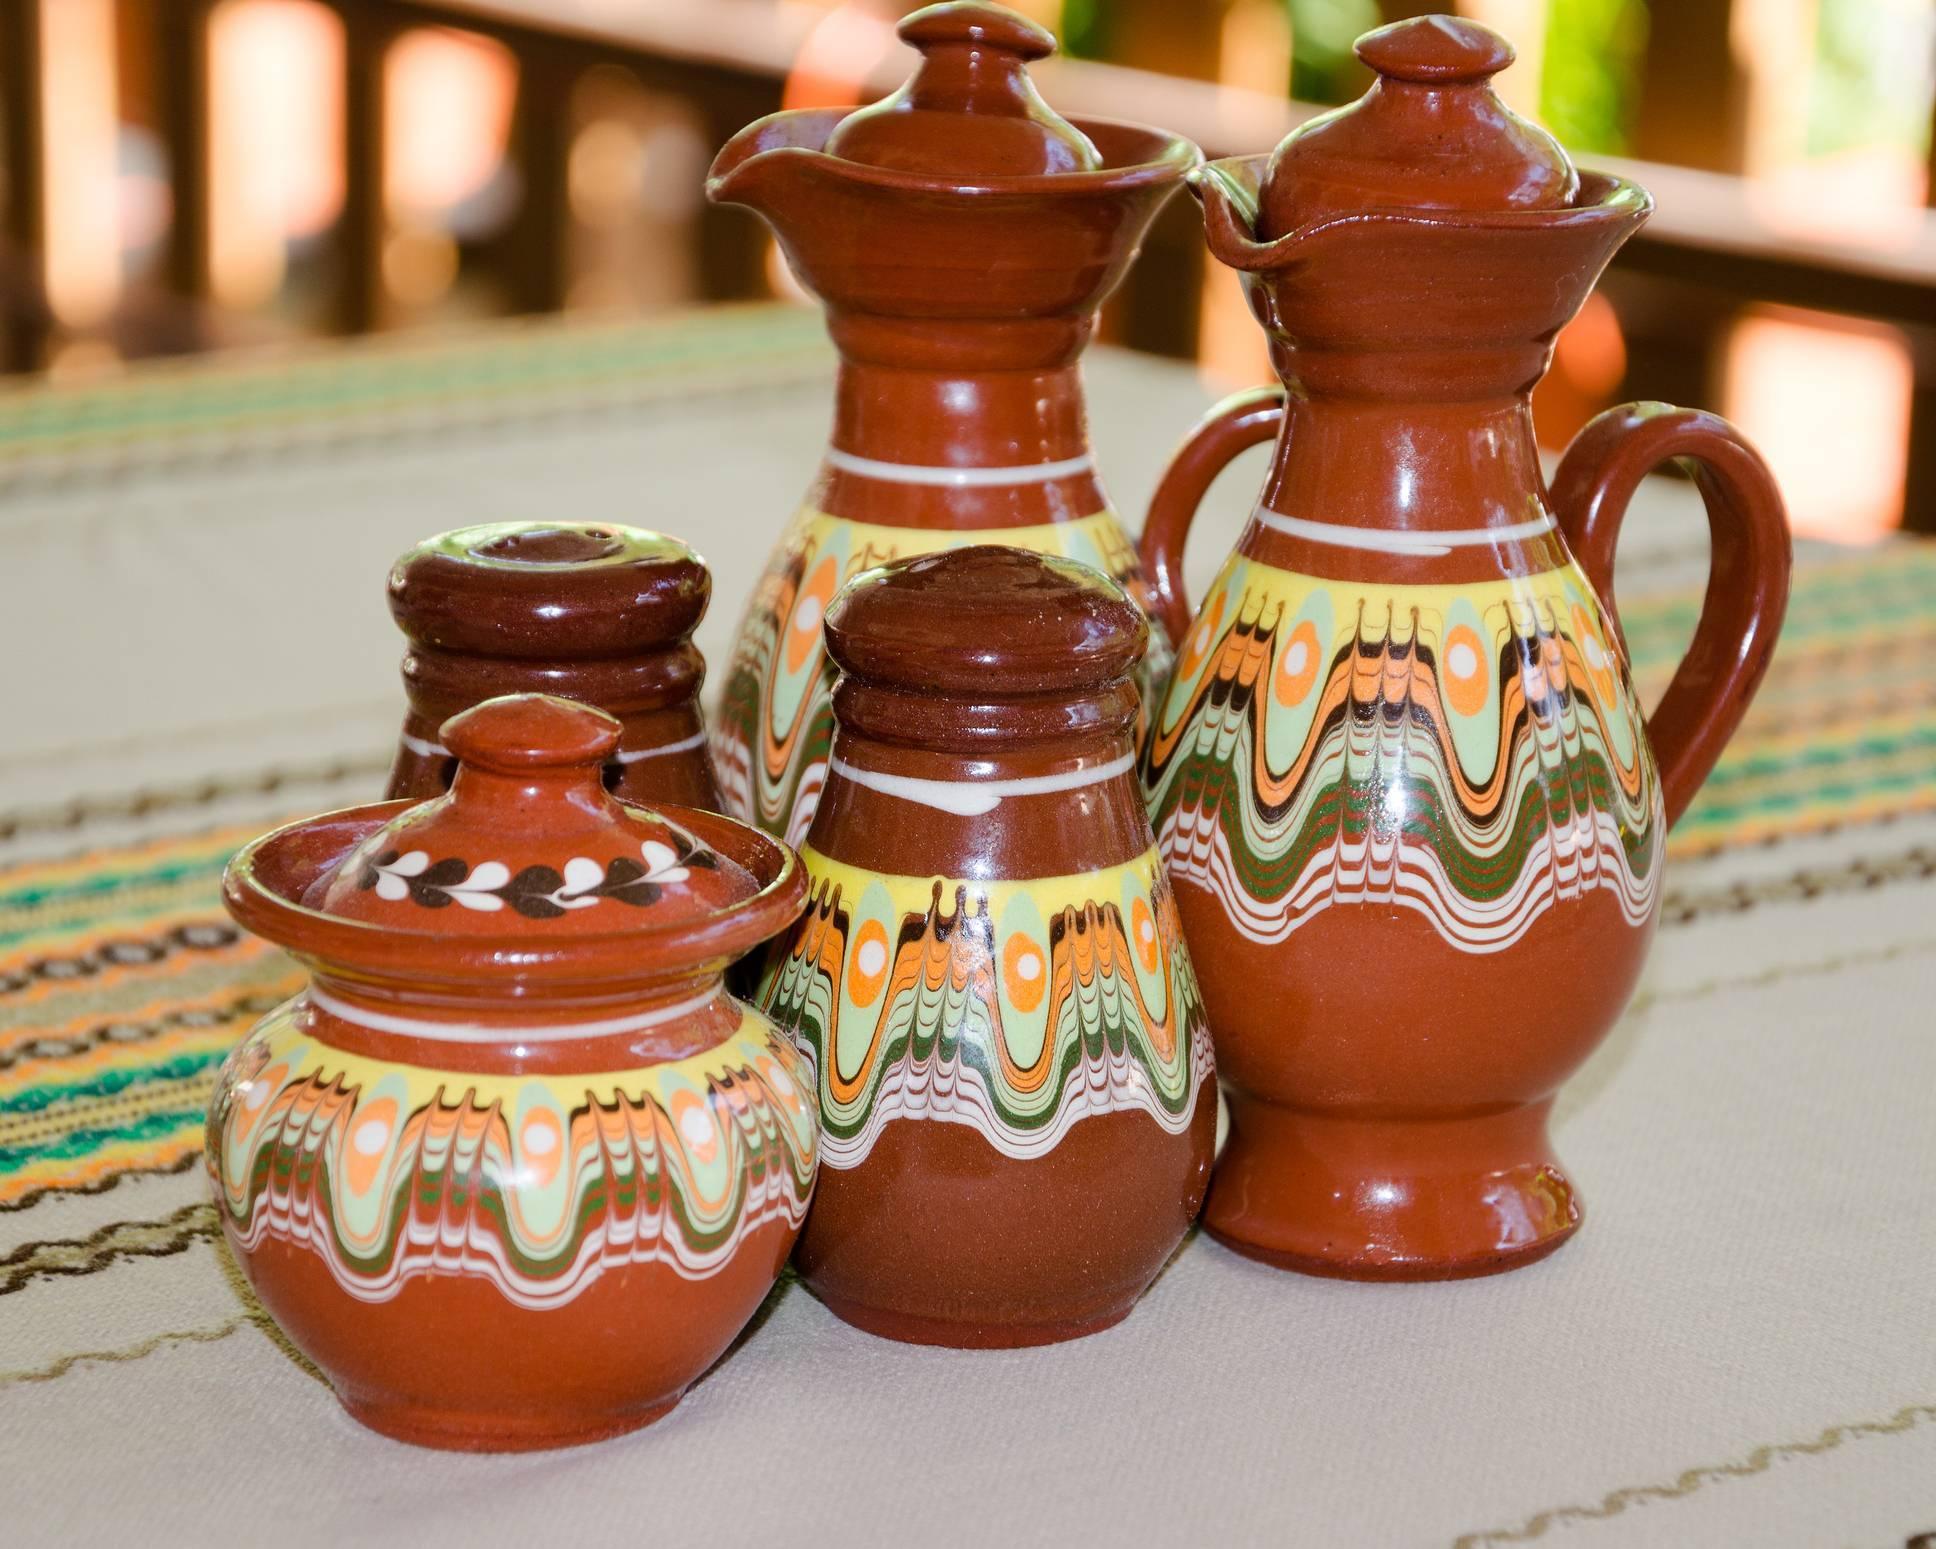 créer une déco nature avec des pots en terre cuite personnalisés